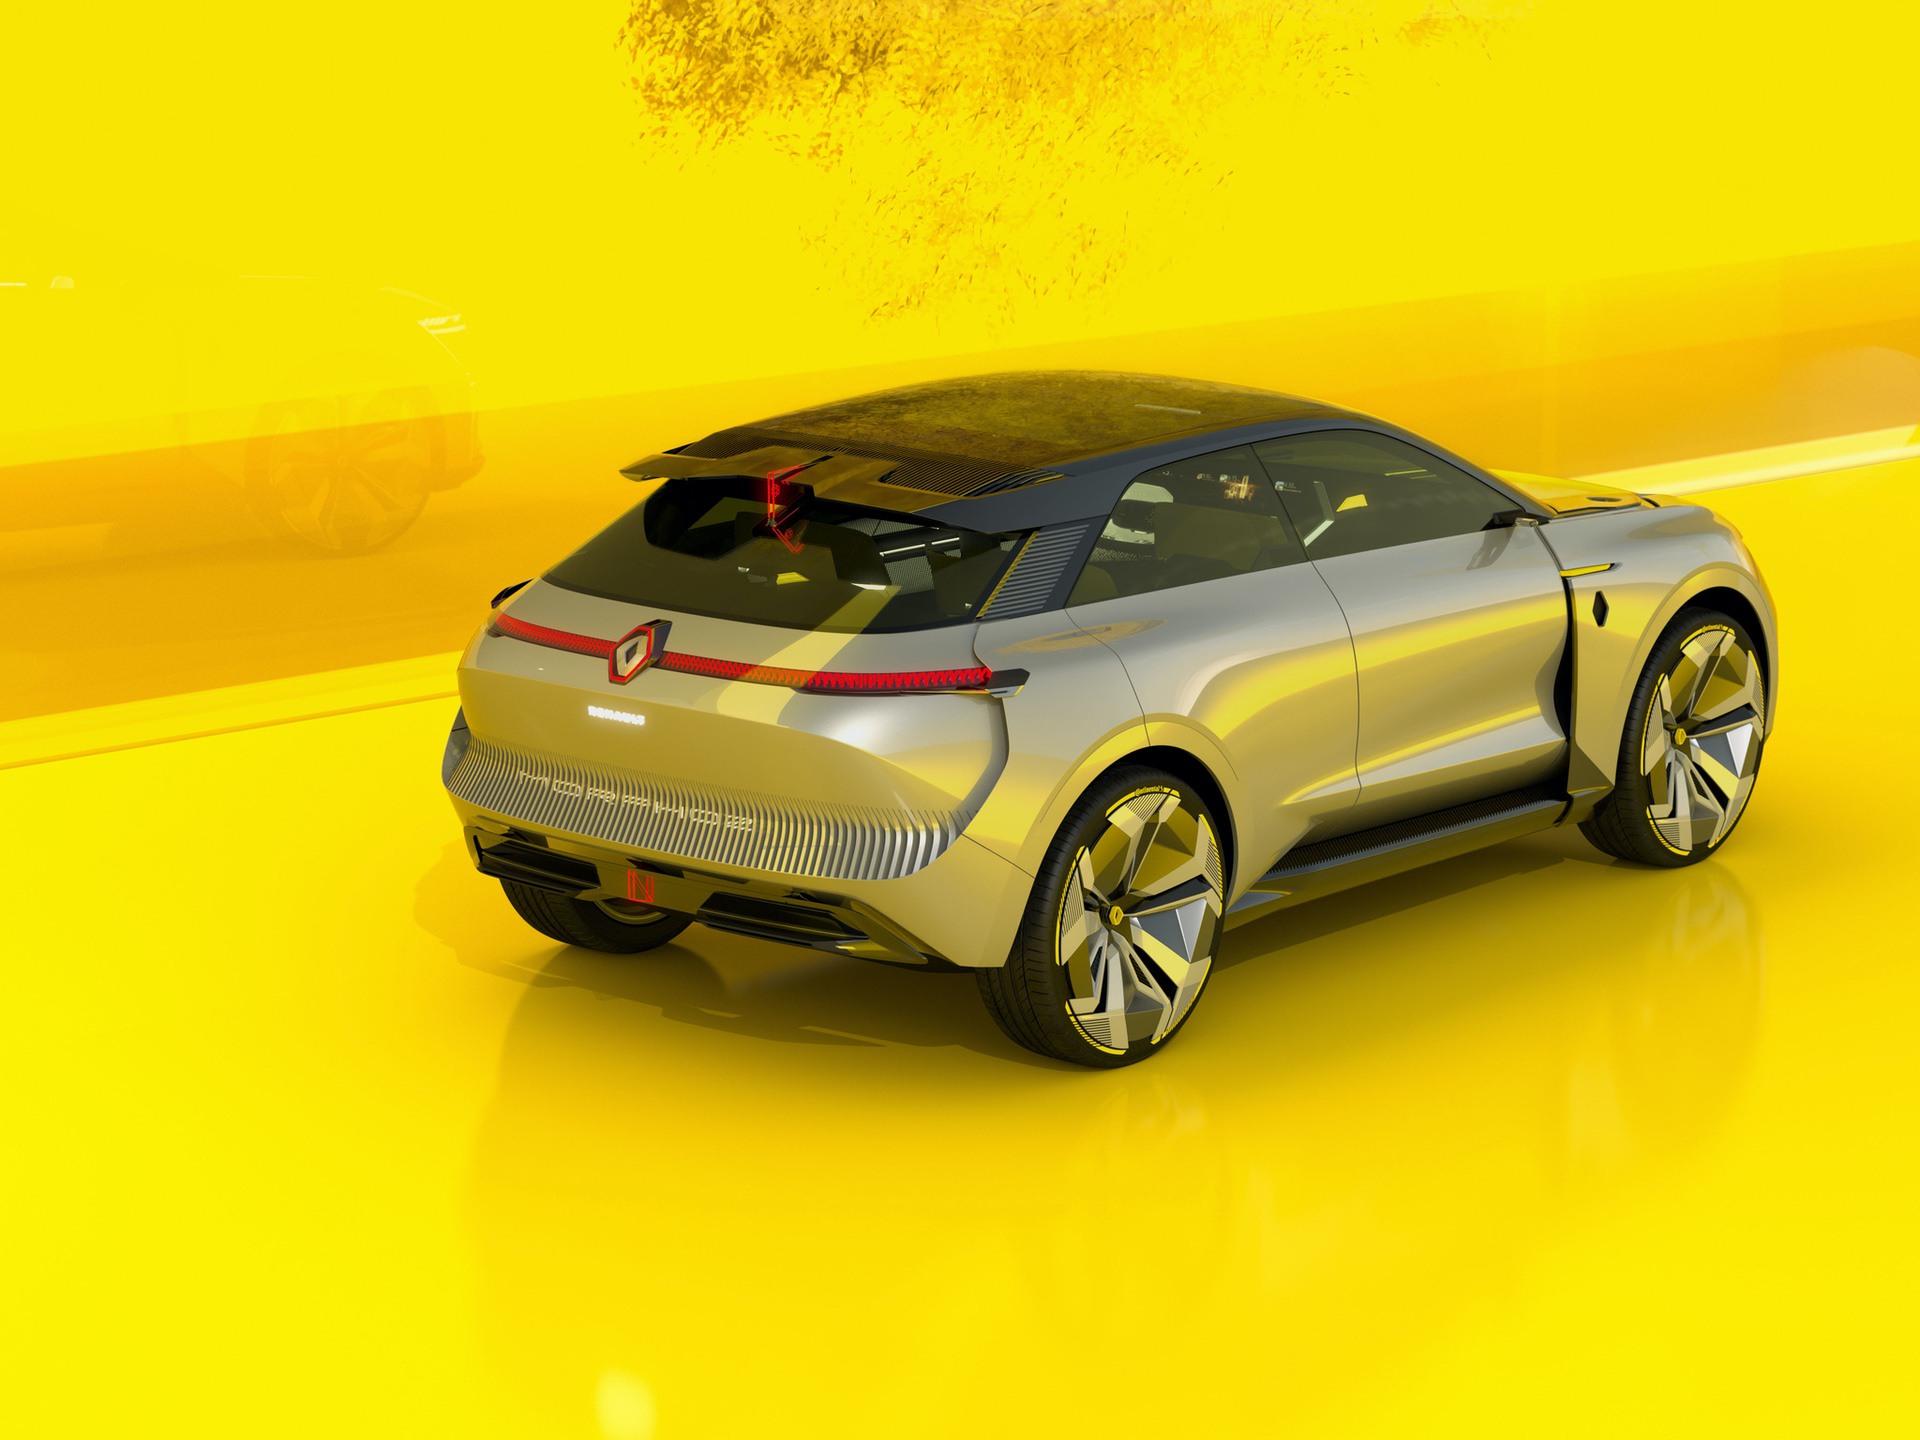 Renault_Morphoz_concept_0026